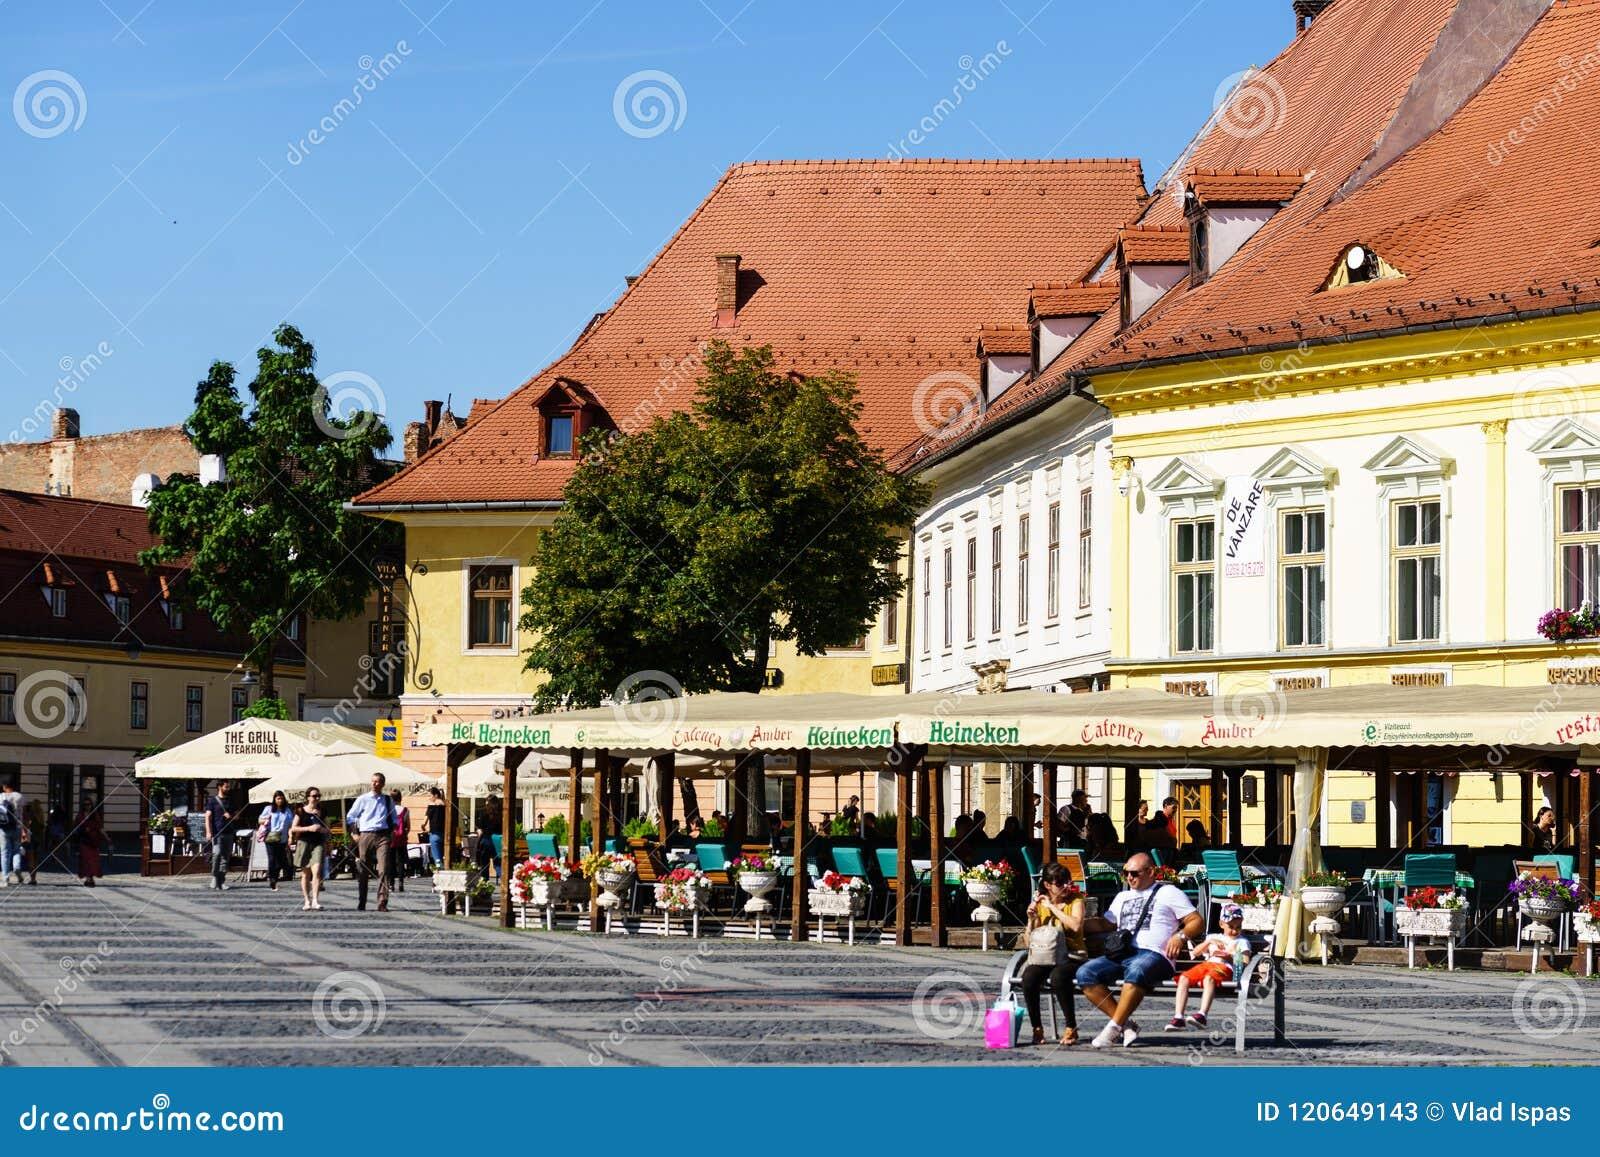 Sibiu, Rumania - 3 de julio de 2018: Cuadrado central en la ciudad histórica Sibiu, Rumania